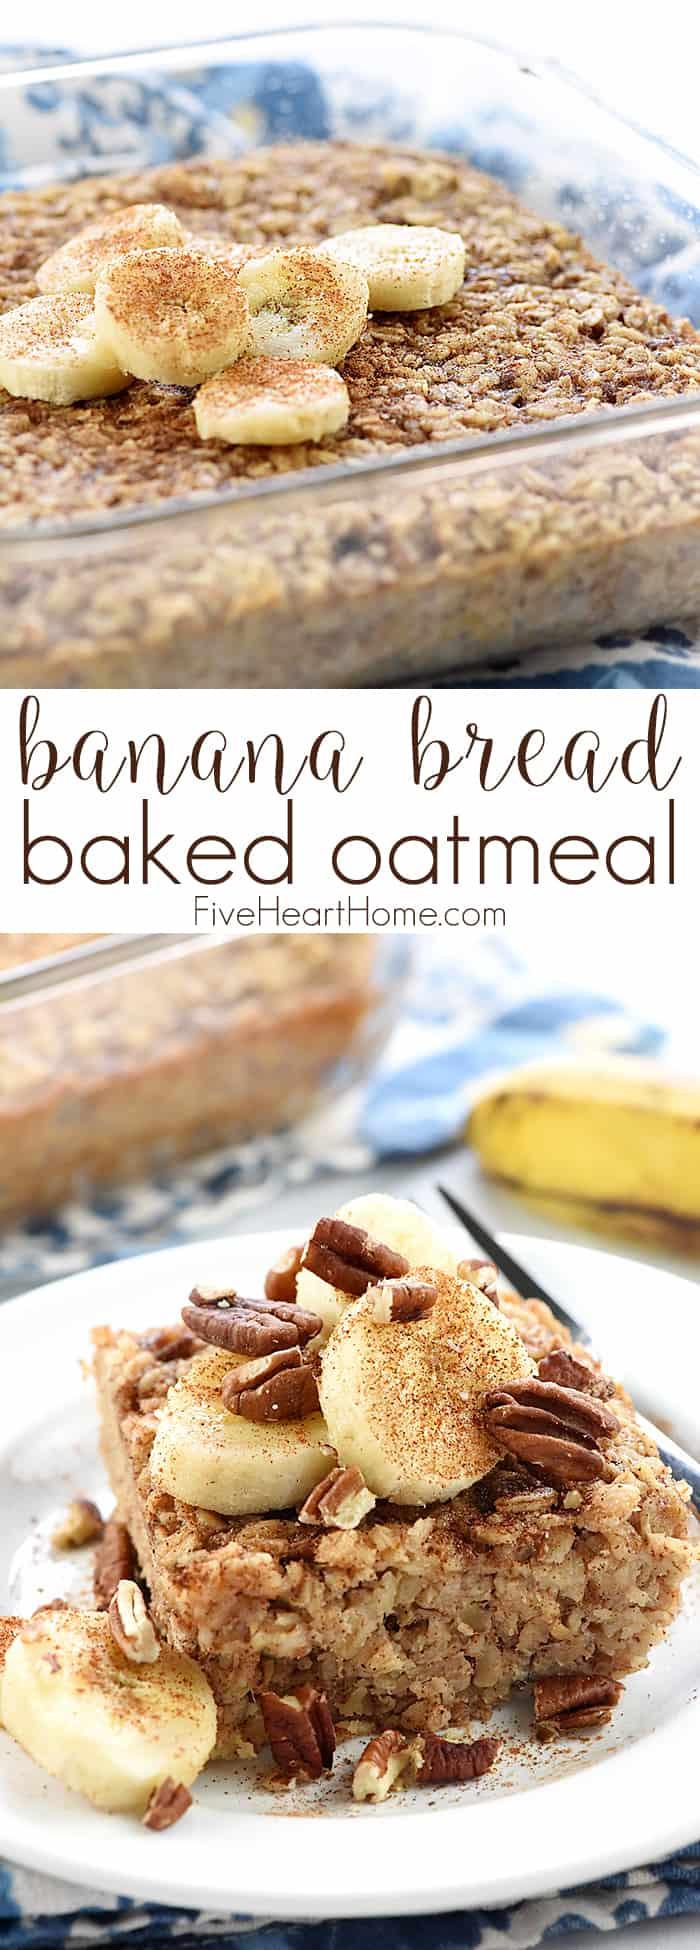 Healthy Banana Recipes For Breakfast  Banana Bread Baked Oatmeal